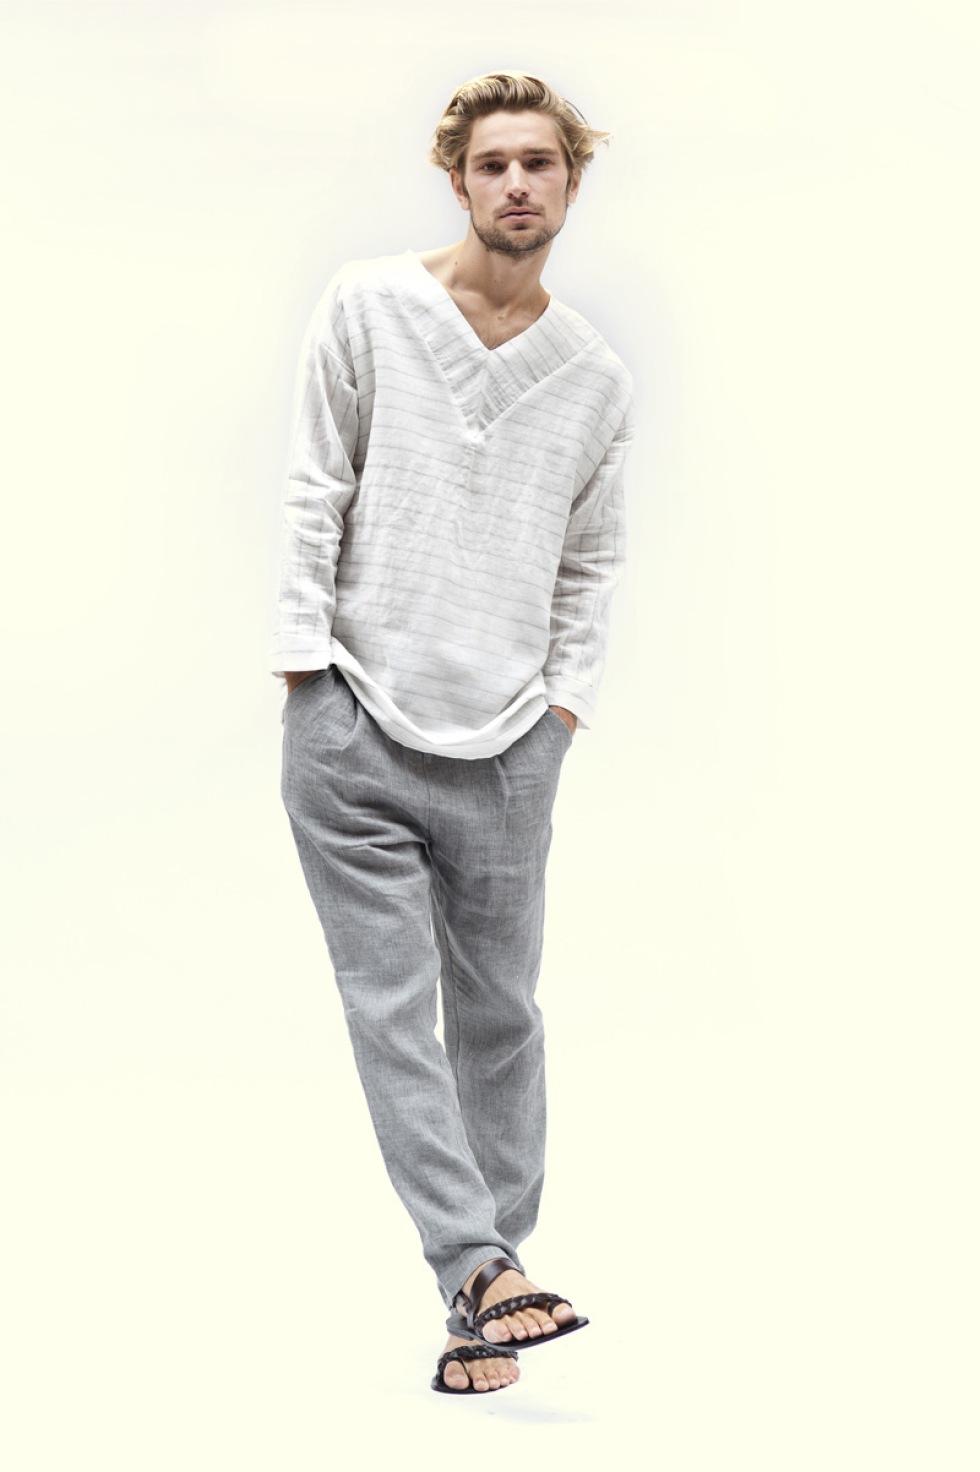 155540 980 - Lagom 2011 Erkek Giyim Kolleksiyonu